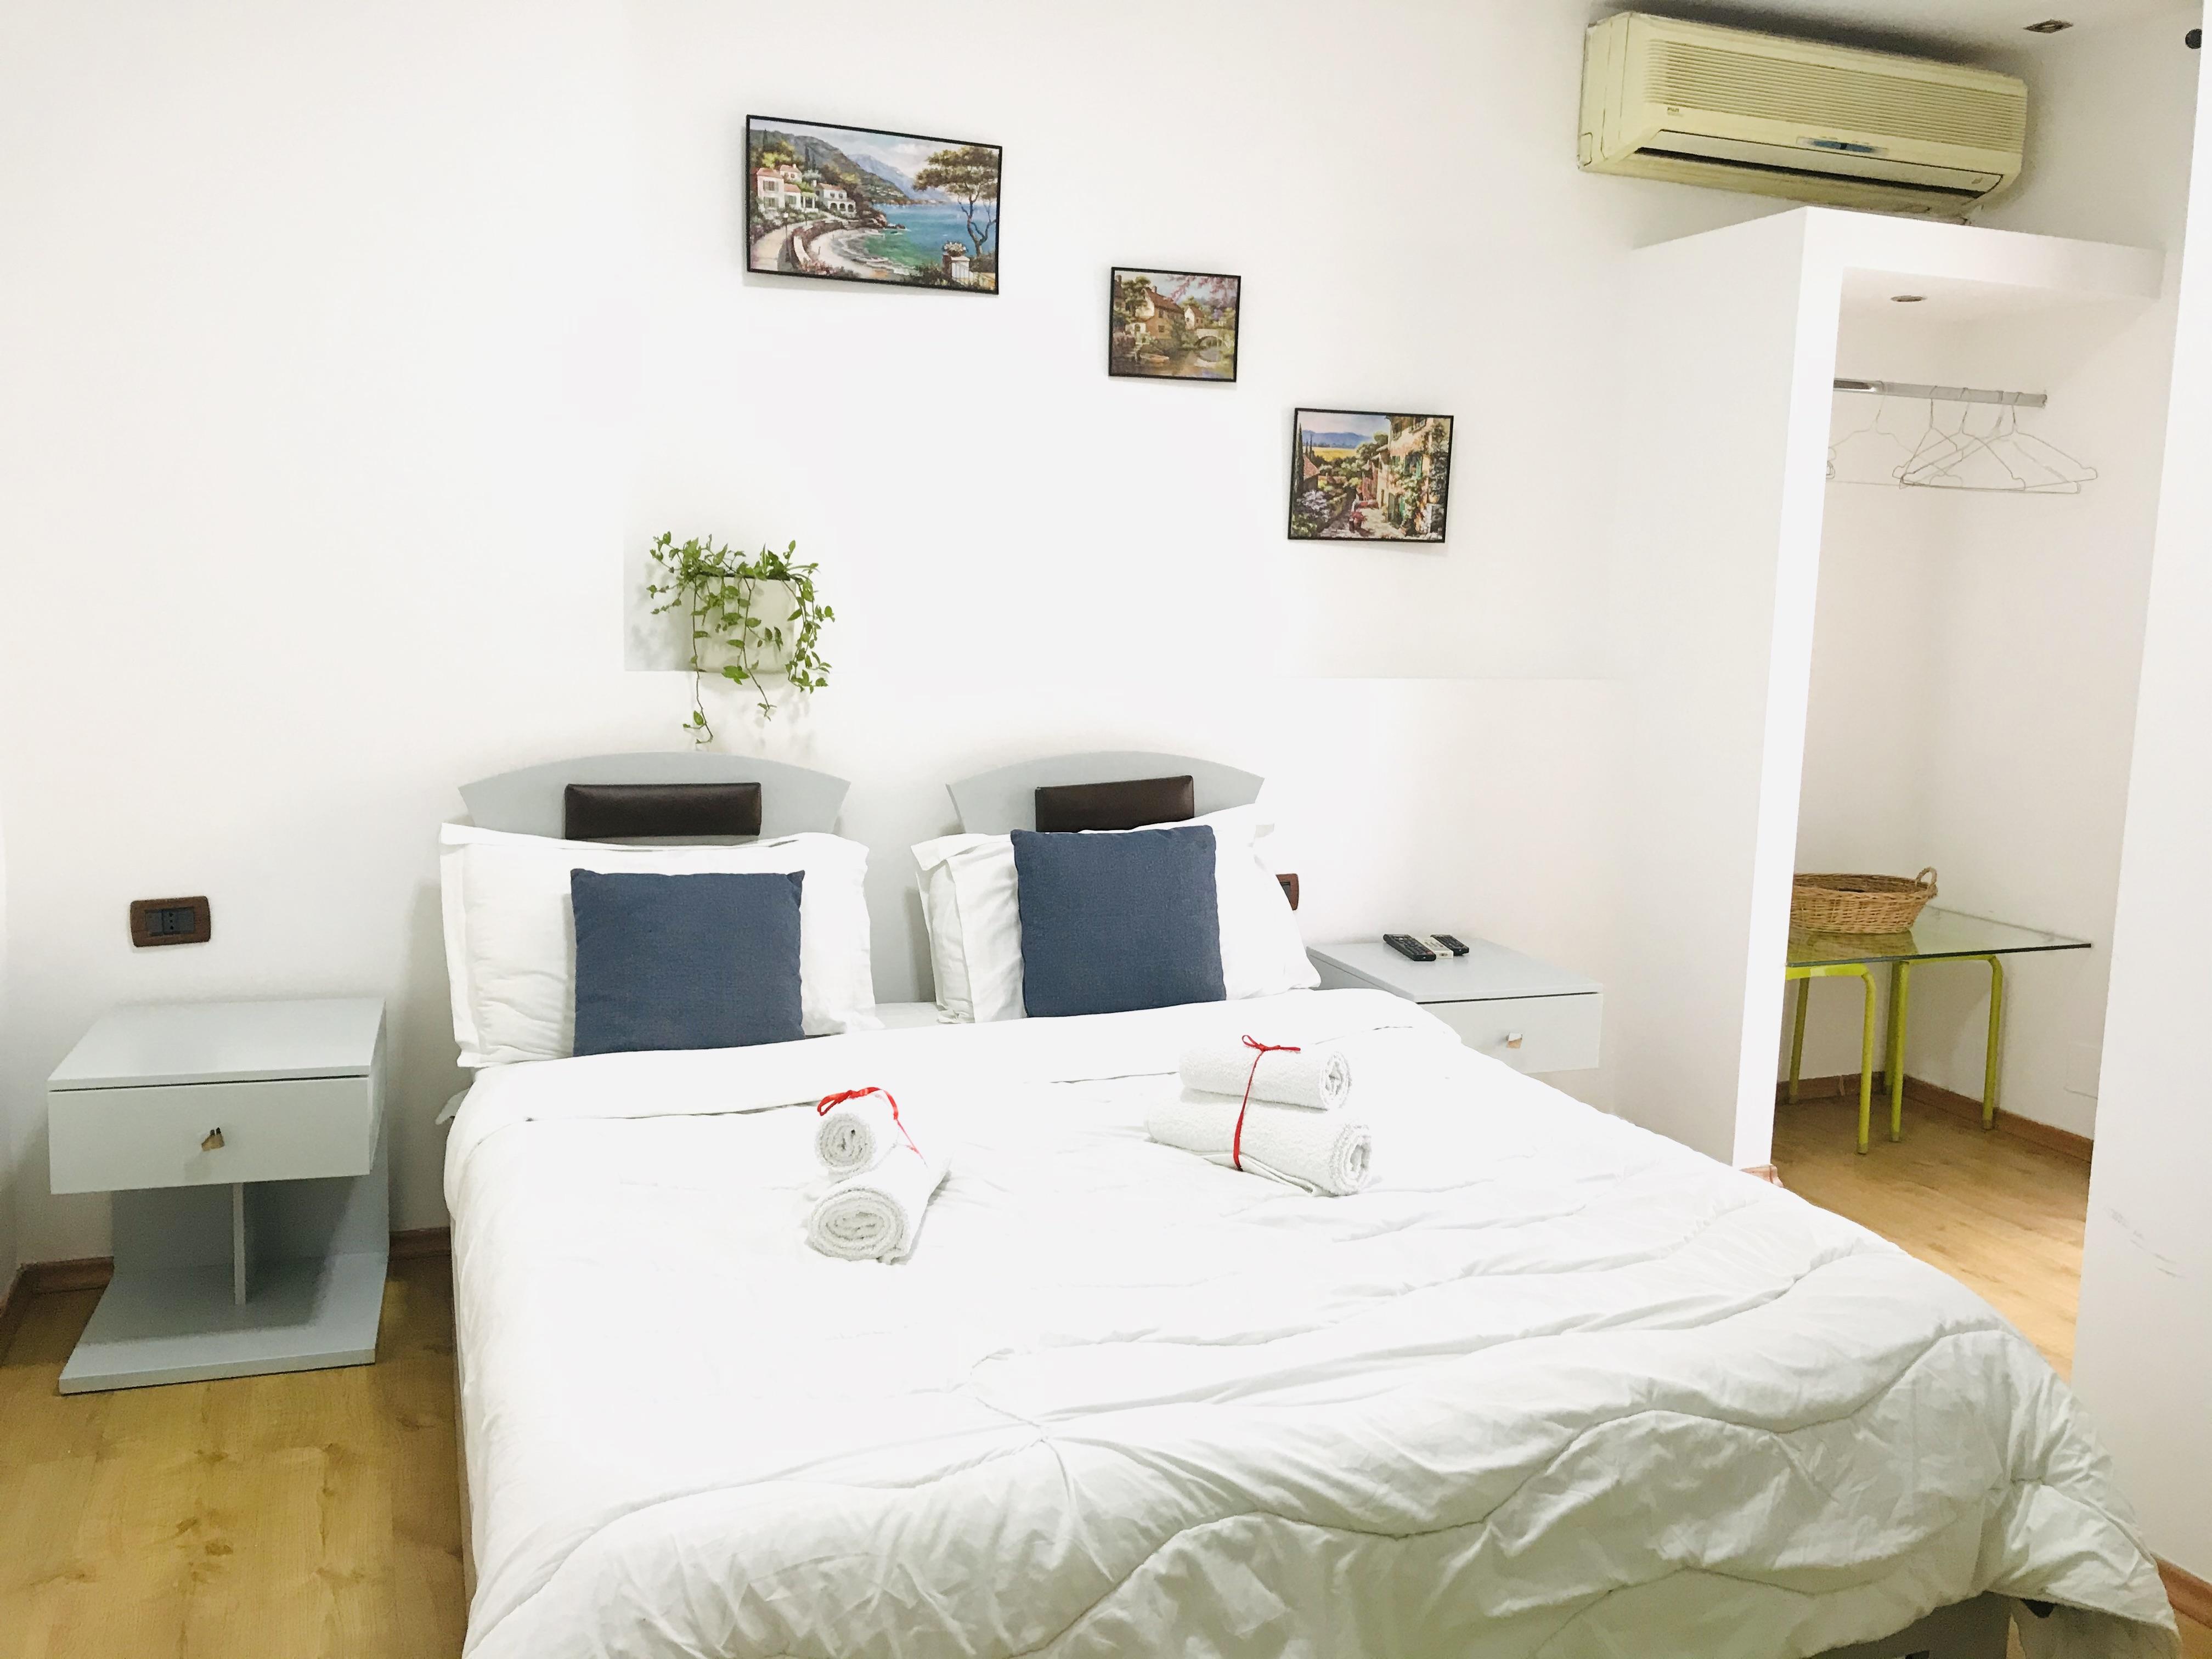 Dhoma me qira ditore prane Sheshit Skenderbej, Tirane